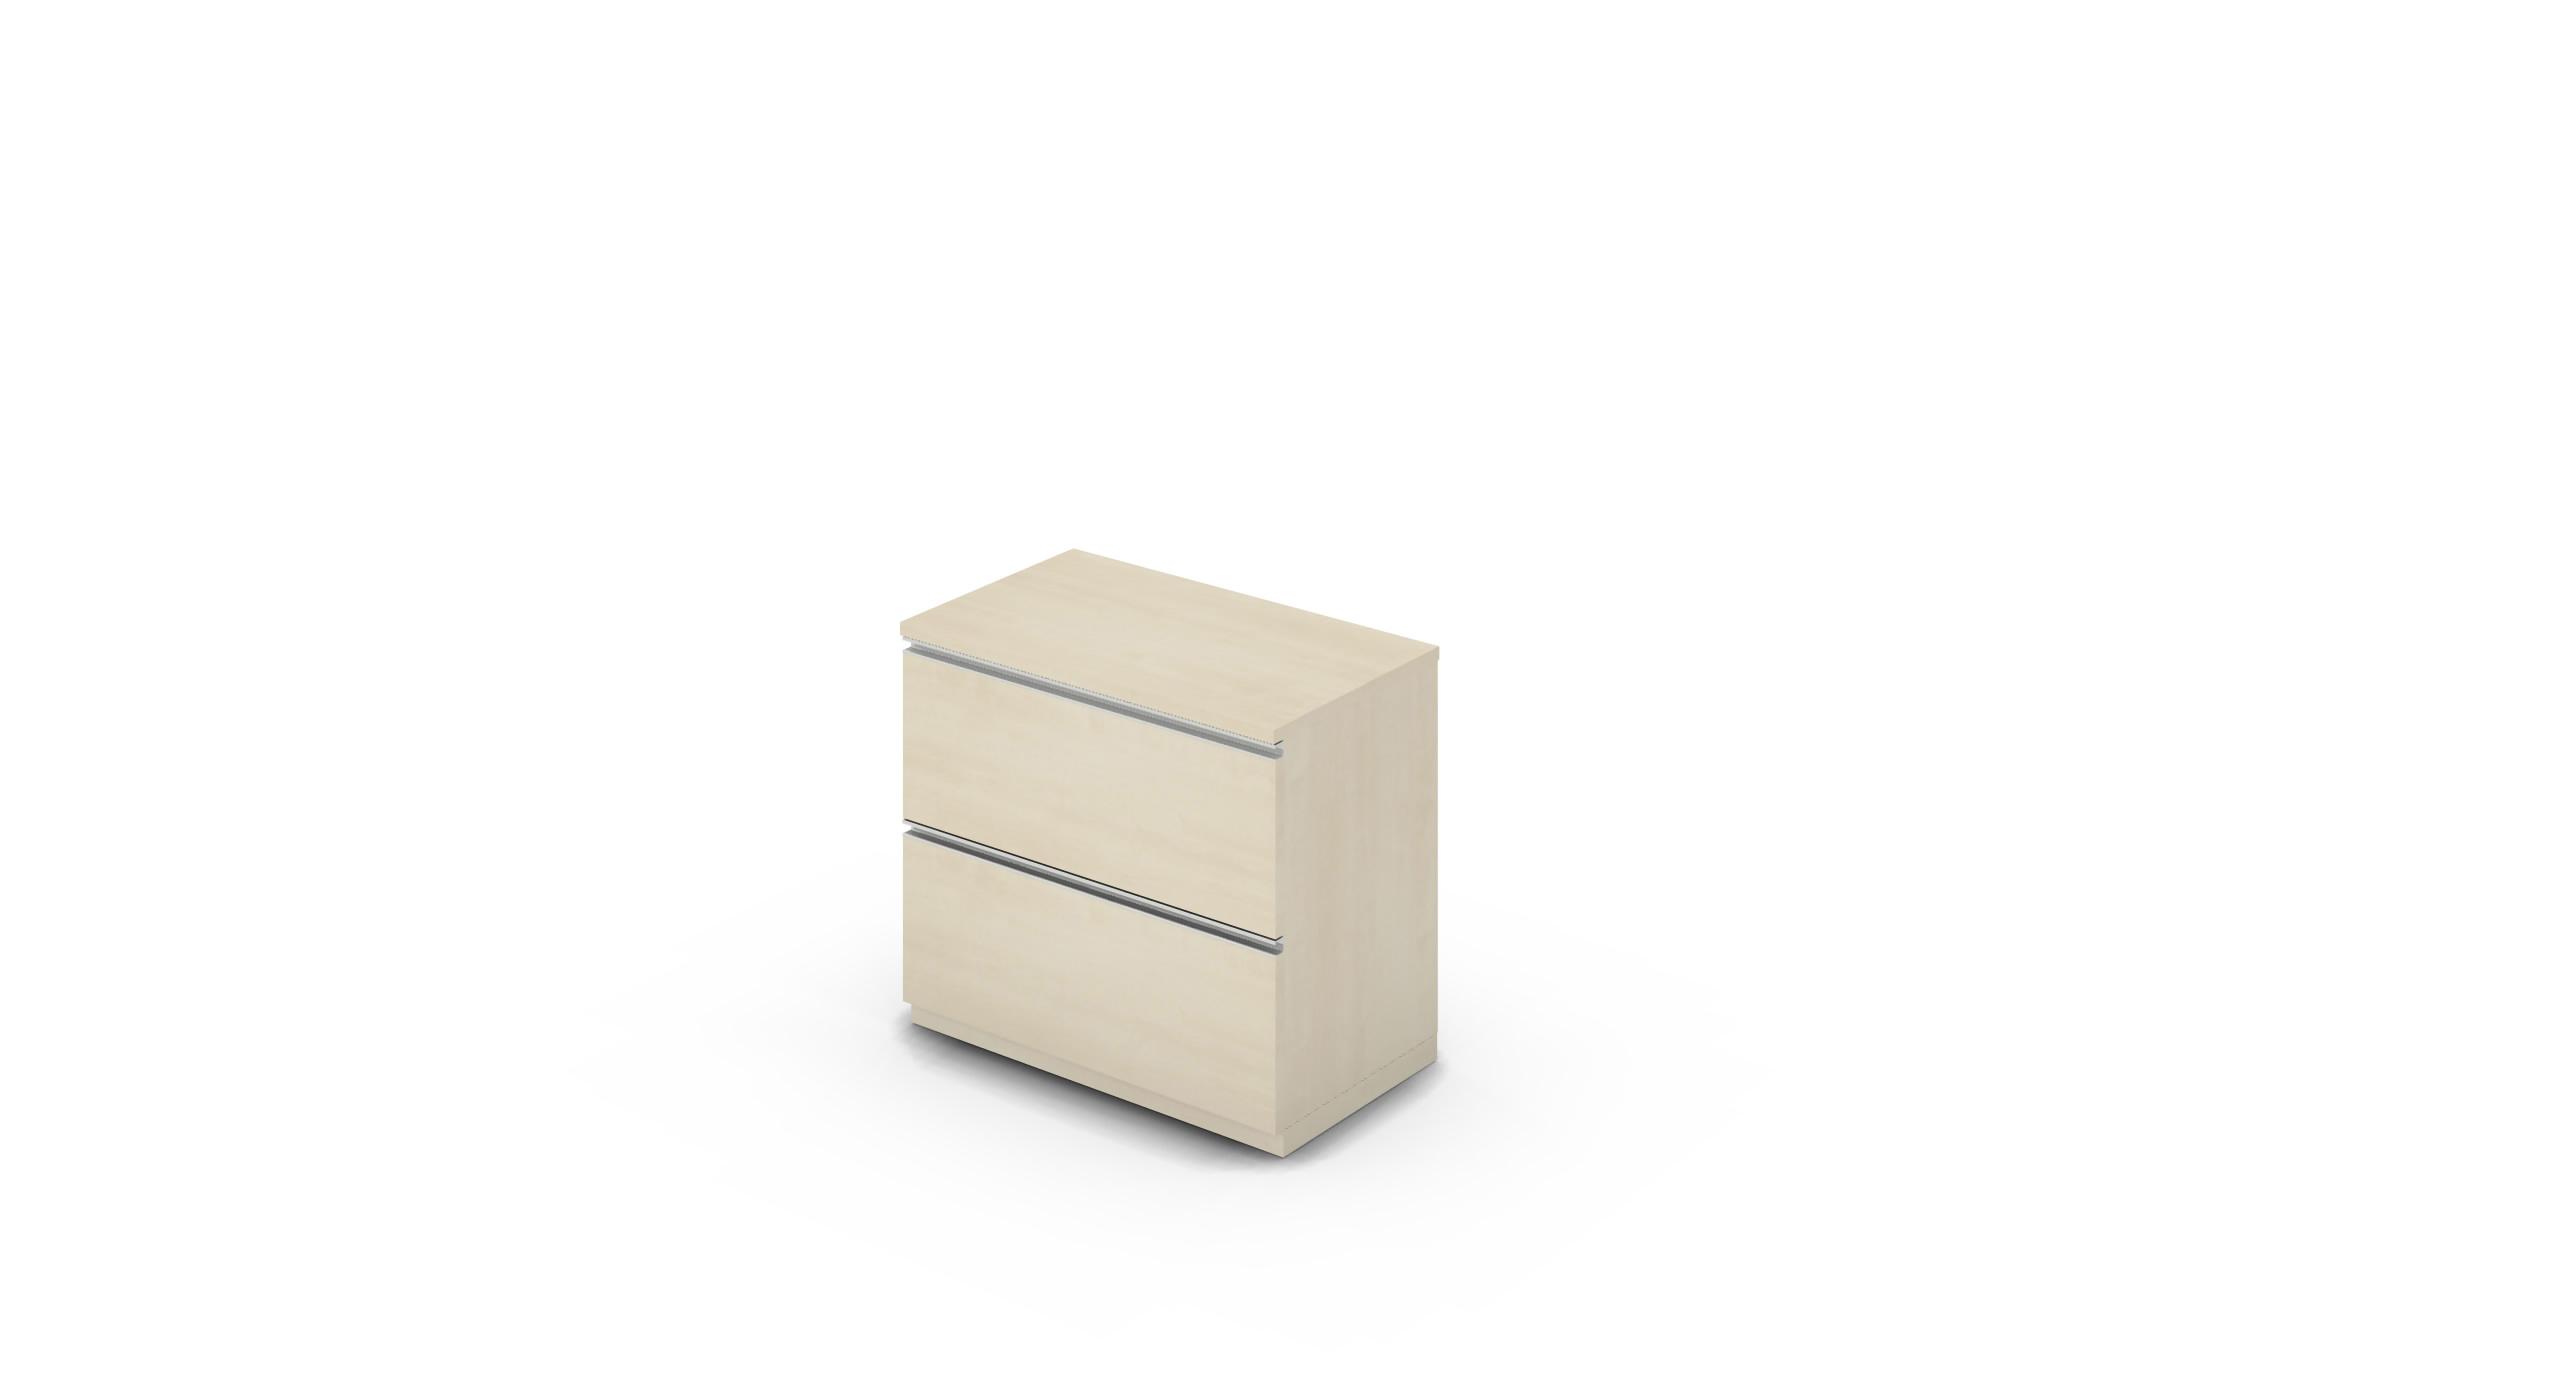 Cabinet_800x450x775_DR_Maple_Rail_NoCylinder